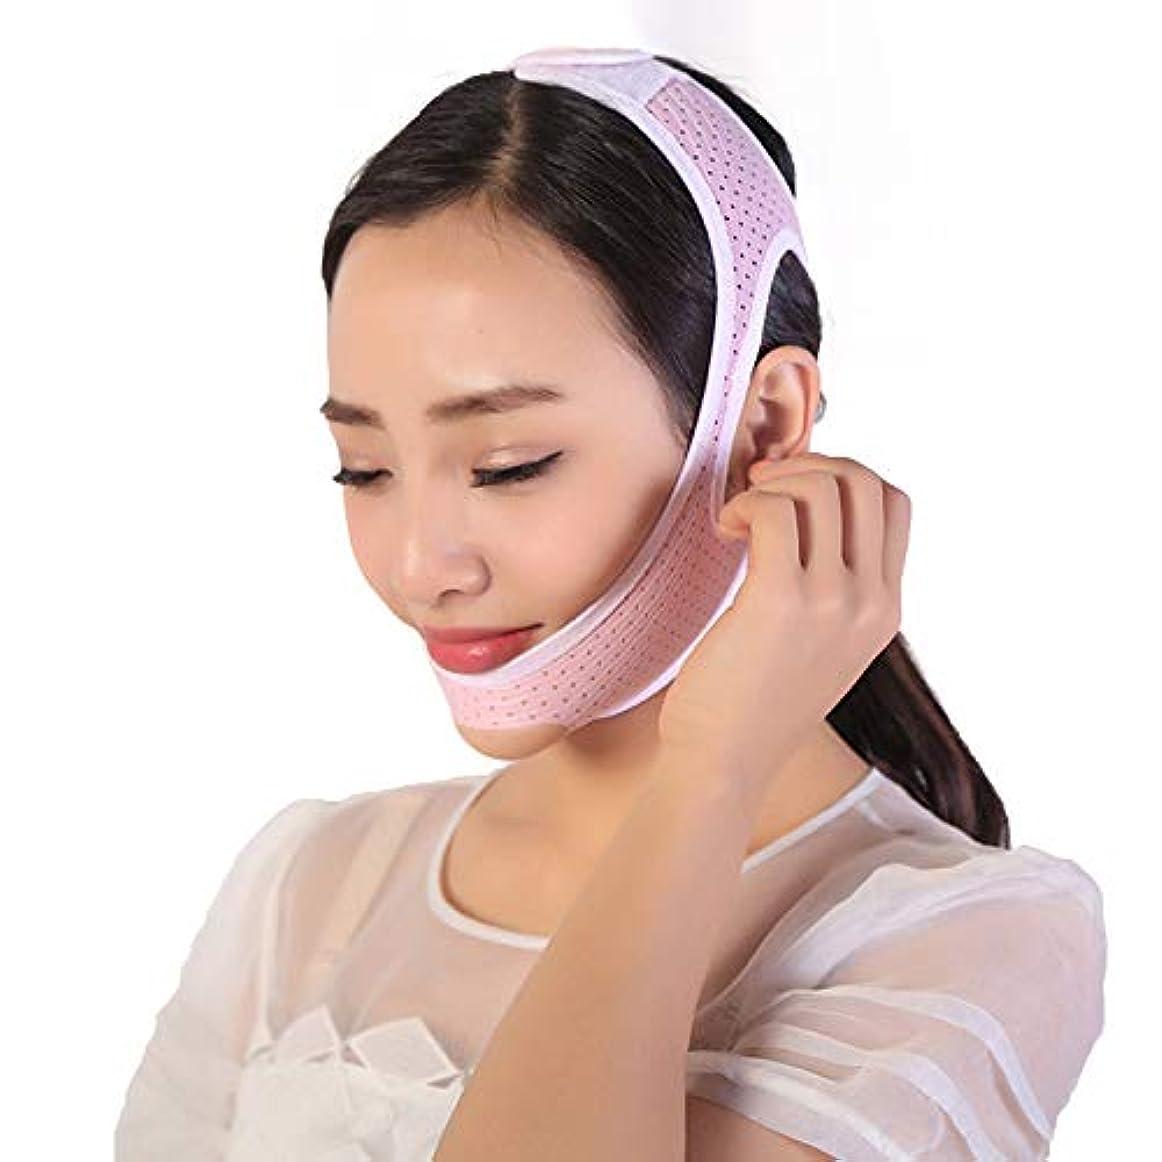 クレーンミリメートル葉巻GYZ フェイシャルリフティングスリミングベルト - 薄型フェイス包帯ダブルチンデバイスフェイシャルマッサージアンチエイジングリンクルフェイスマスクベルト Thin Face Belt (Size : L)